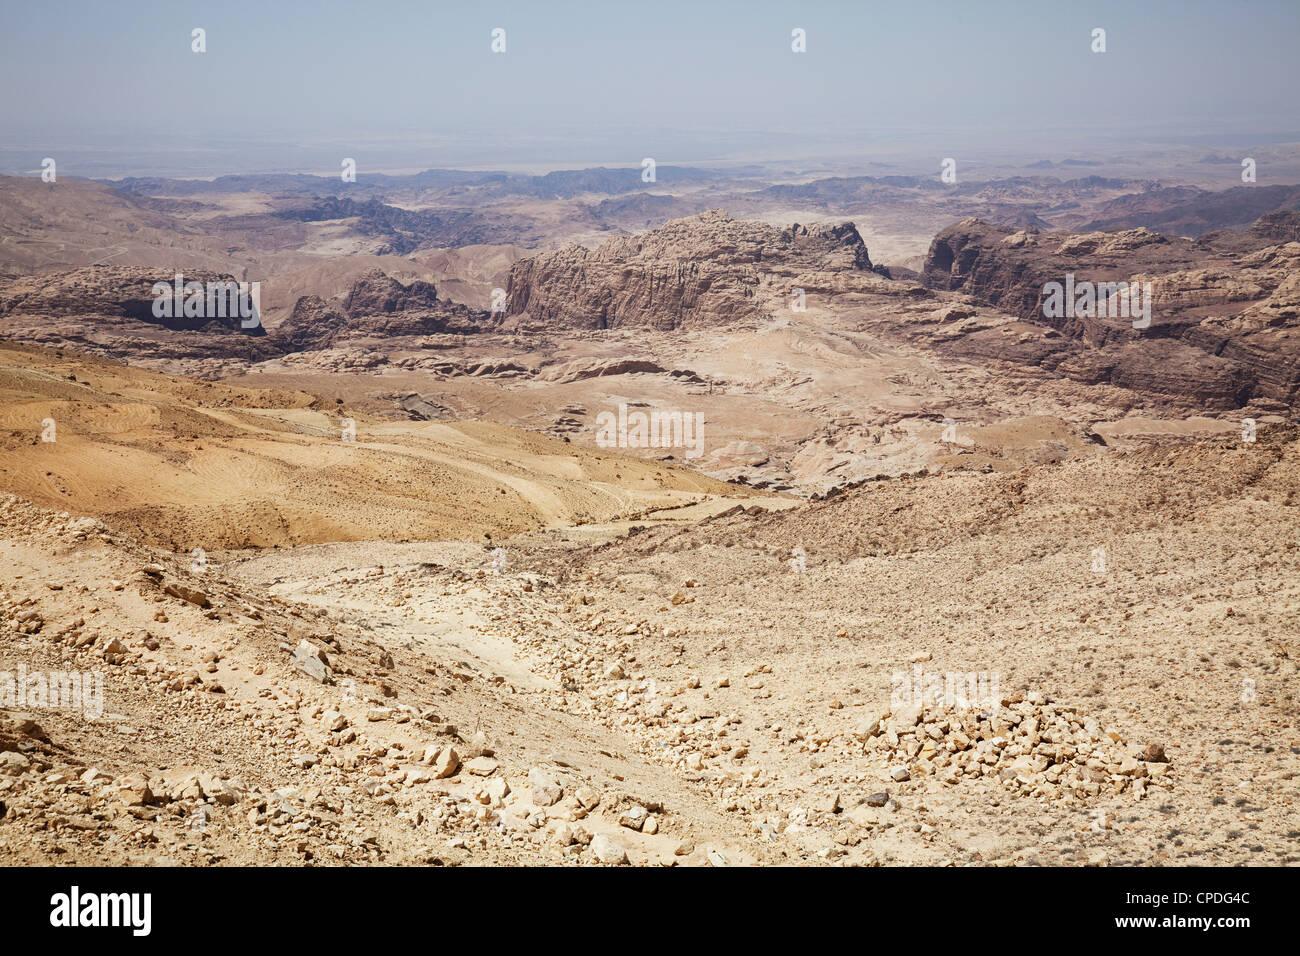 El accidentado paisaje en Petra, Jordania, Oriente Medio Imagen De Stock